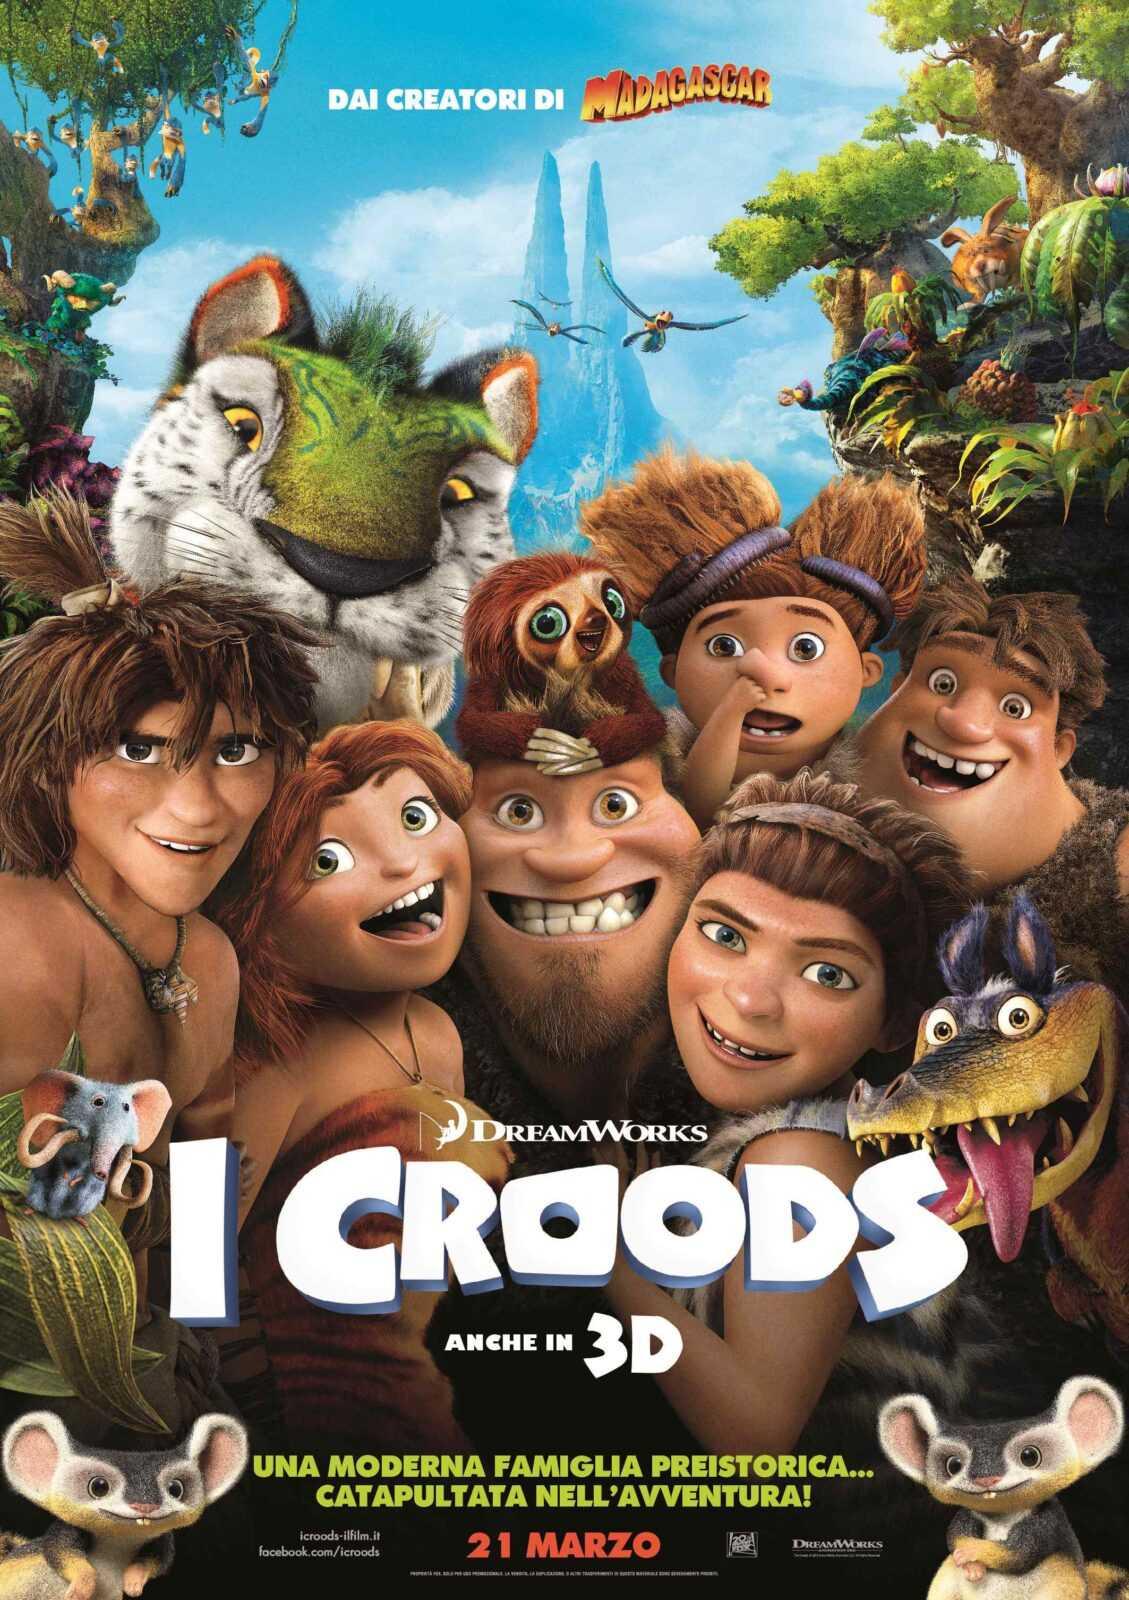 Aspettando I Croods, programmazione speciale Domenica su Sky Cinema | Digitale terrestre: Dtti.it